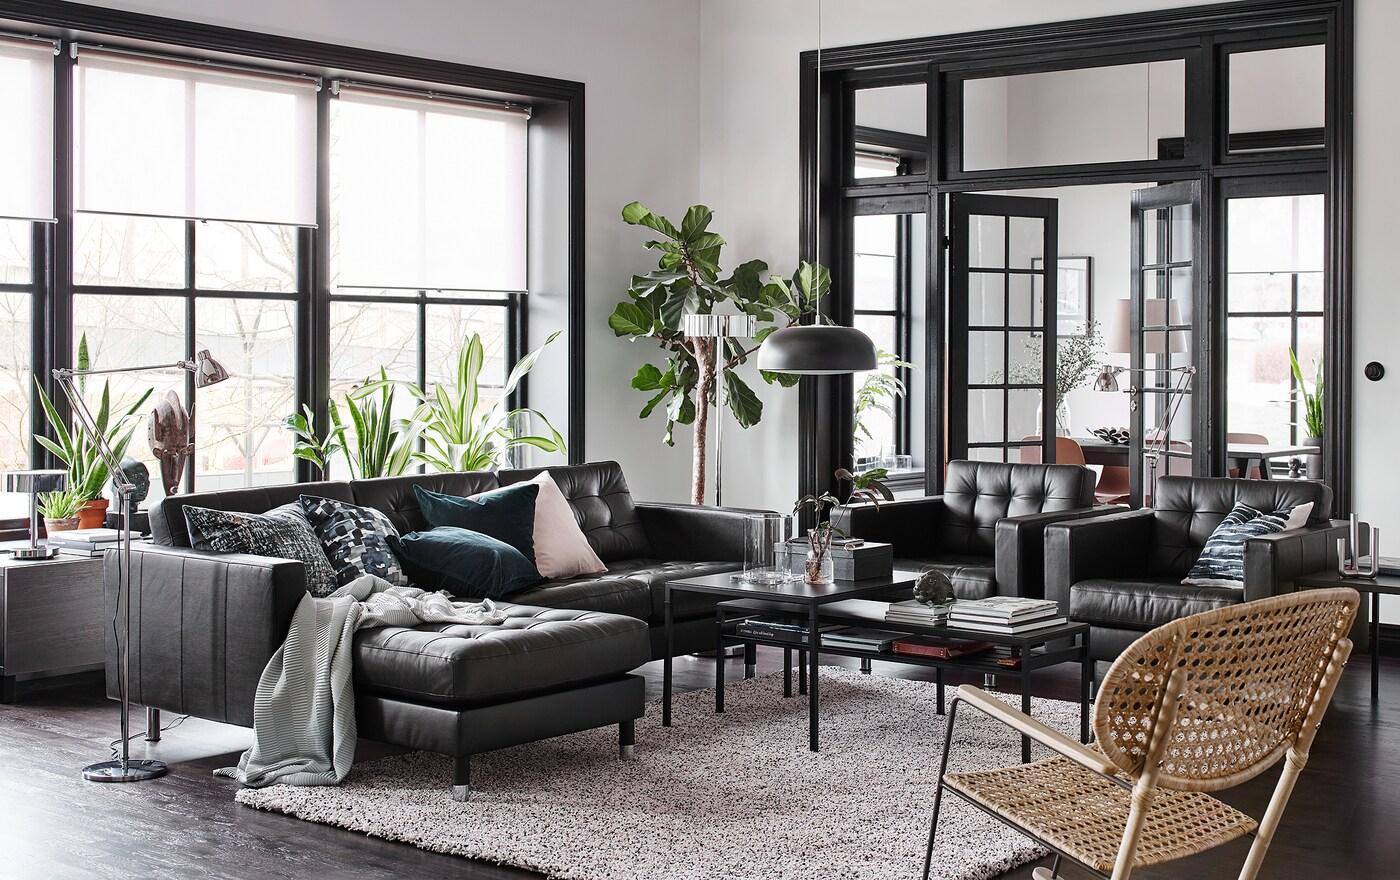 Musta, beige ja valkoinen olohuone, jossa musta nahkasohva divaaneilla ja kaksi lepotuolia vierekkäin.